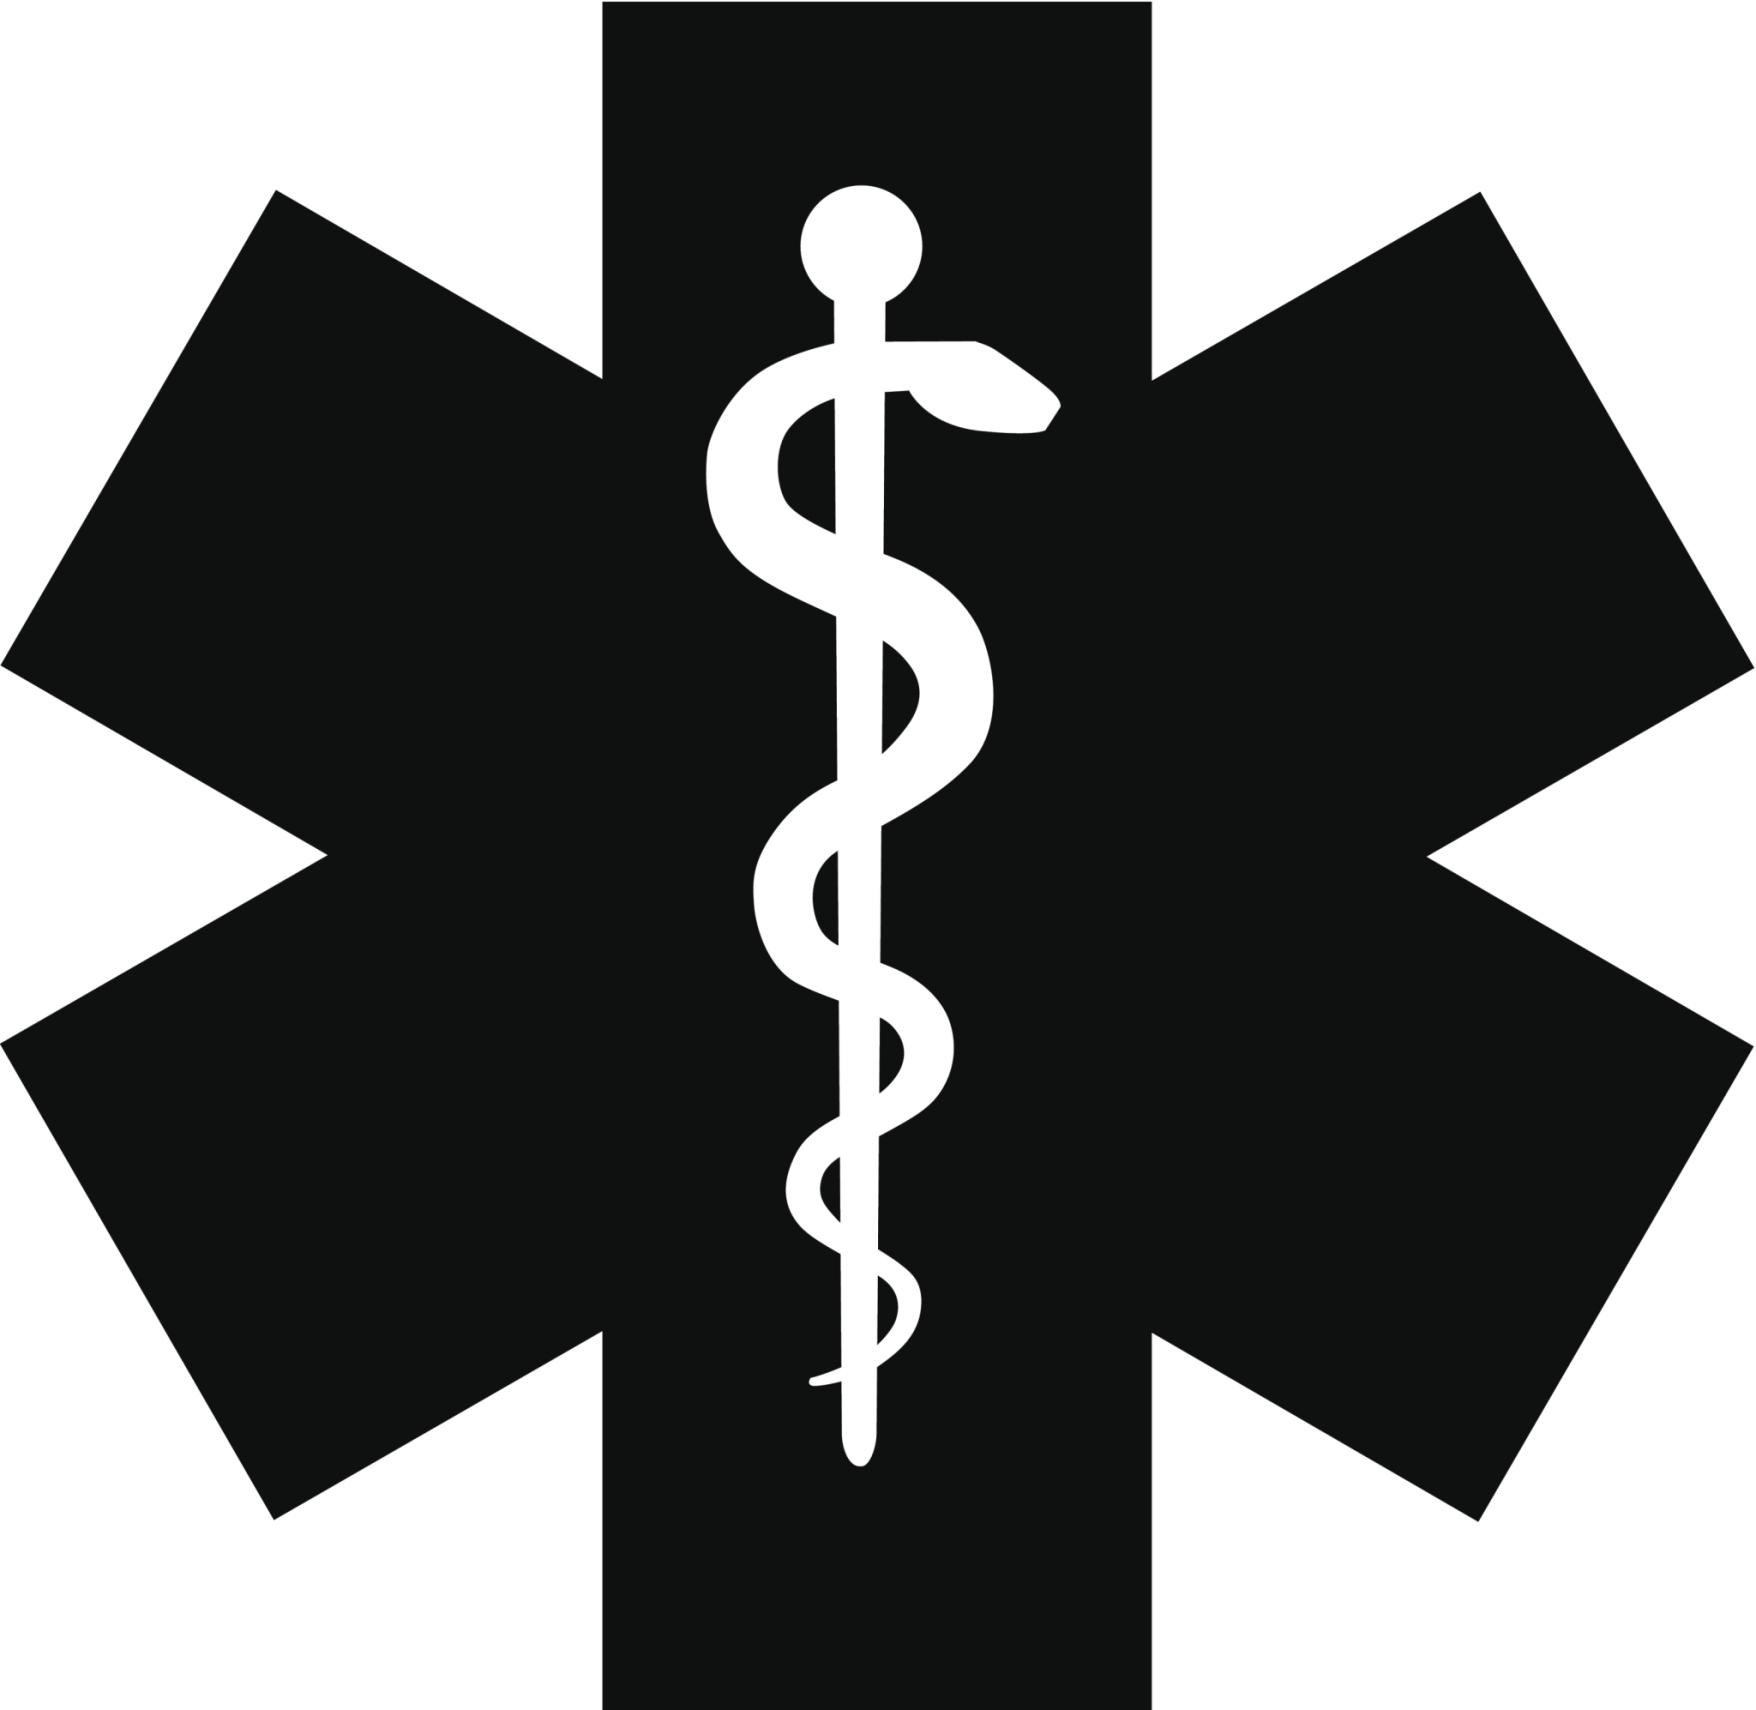 Er Symbol Images - Reverse Search intended for Er Symbol